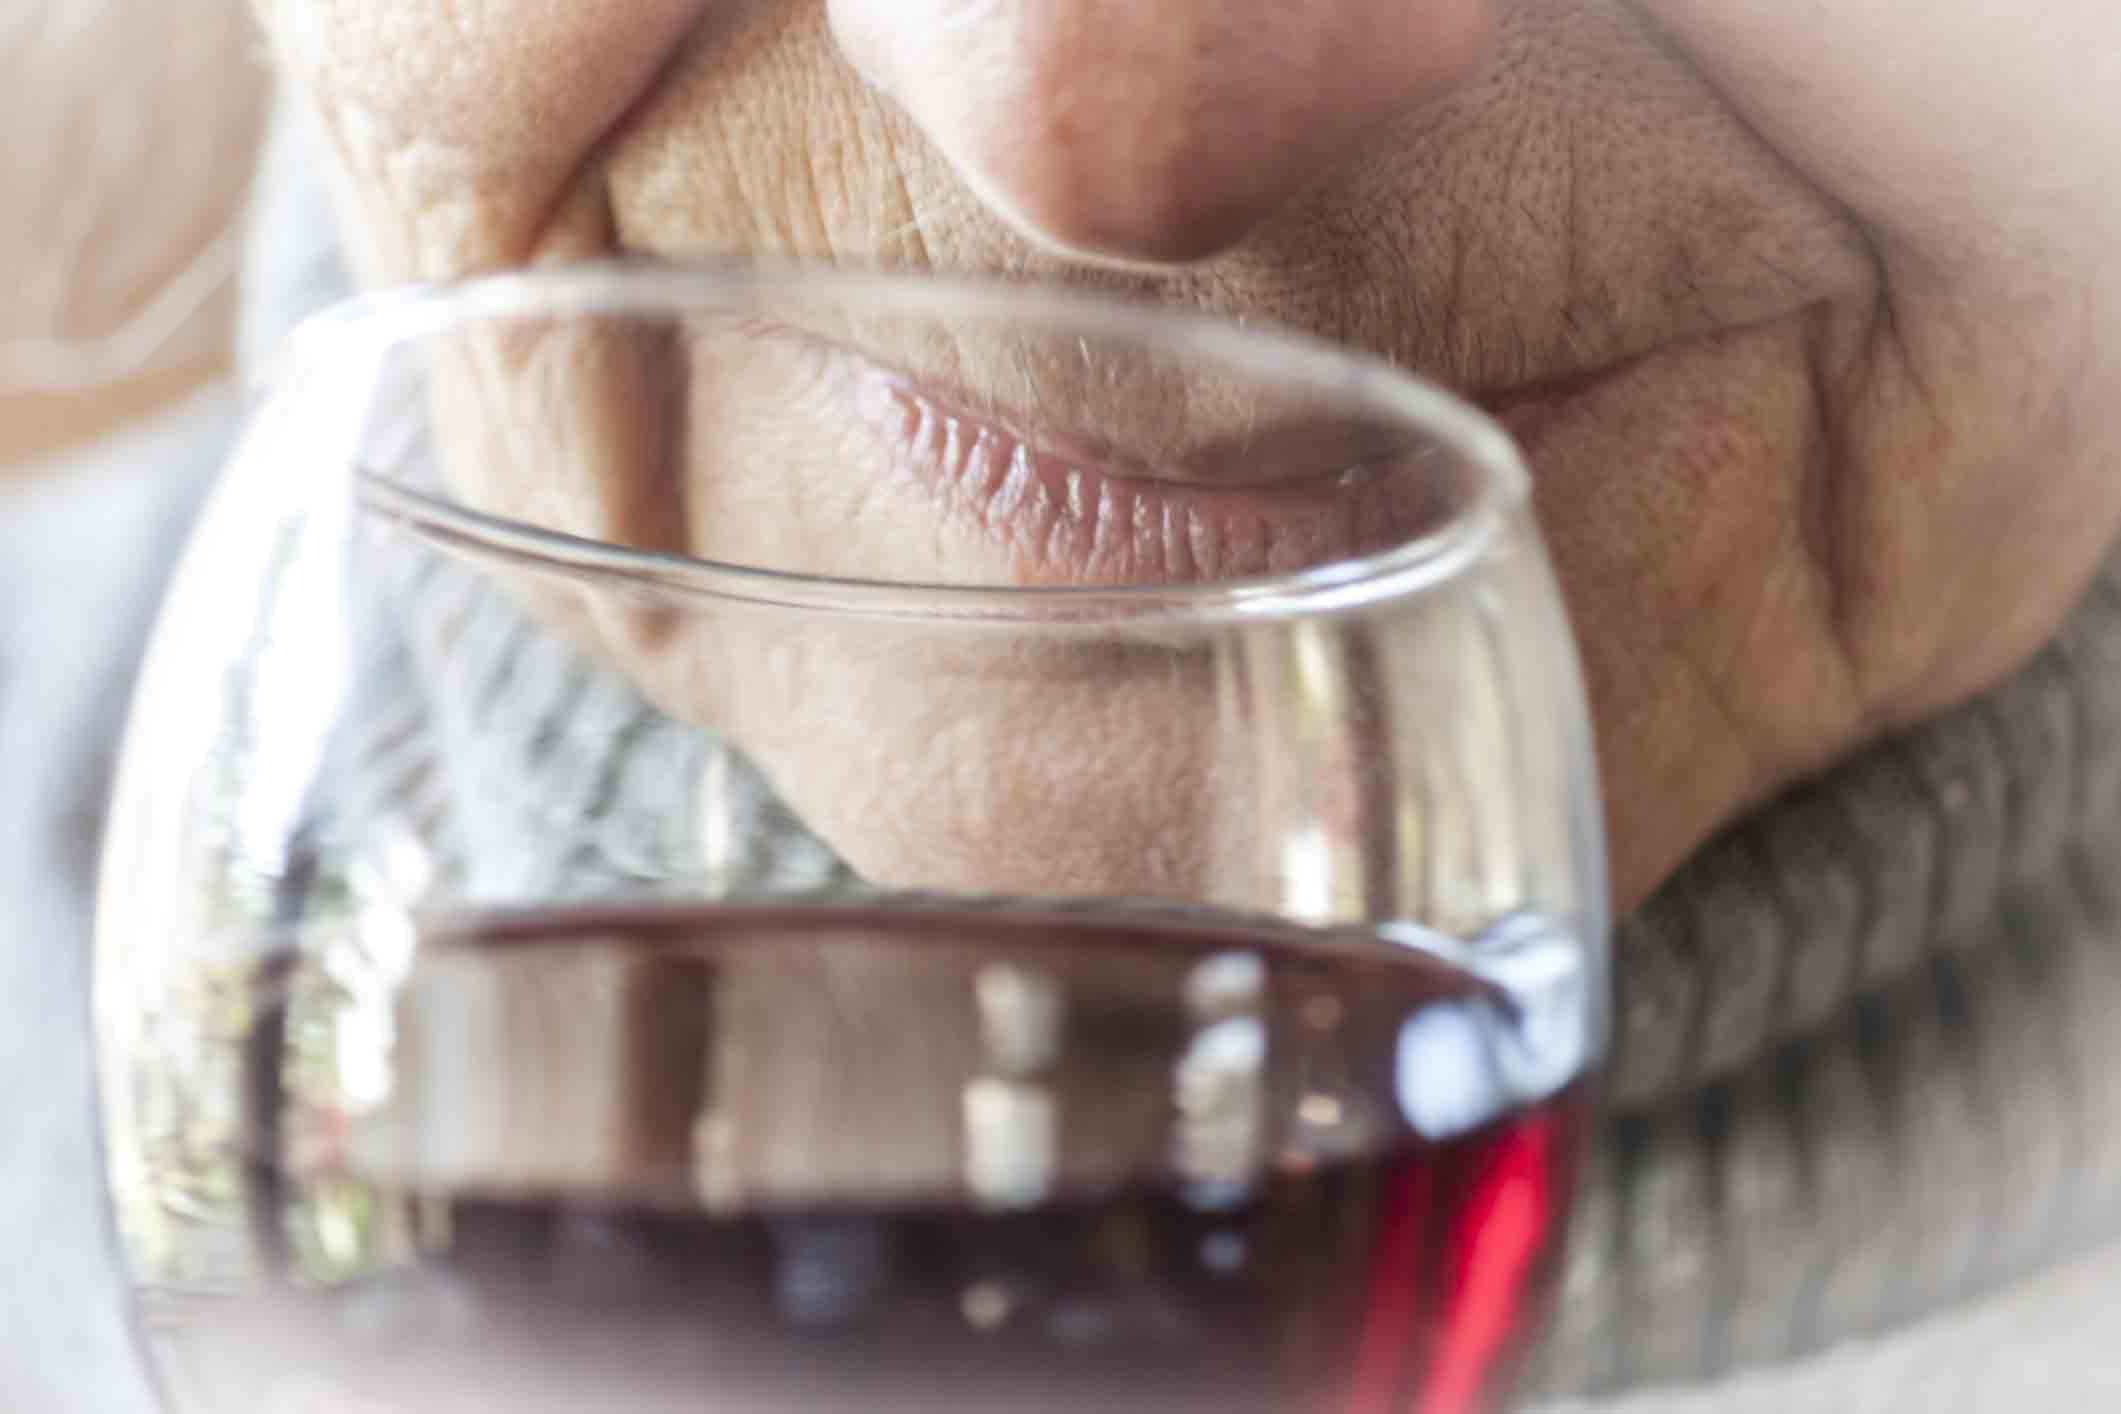 دیابت در سالمندان|مرکز پارسیان مهرپرور